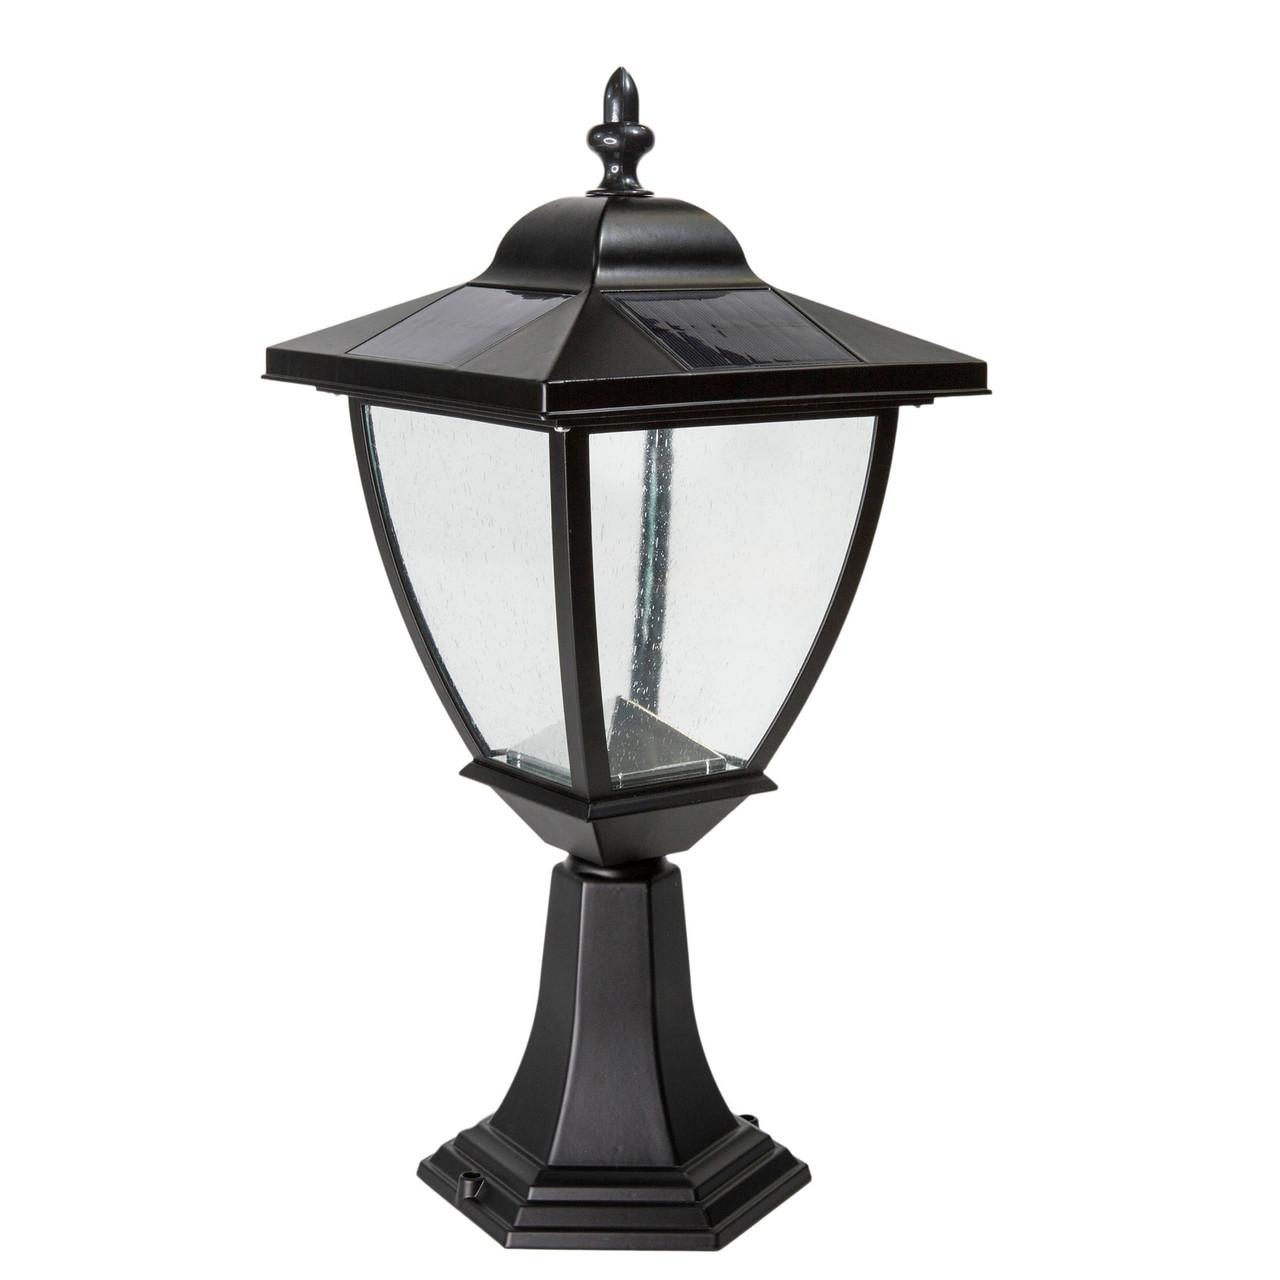 Elegante Black Aluminum Solar Post Lamp from Classy Caps